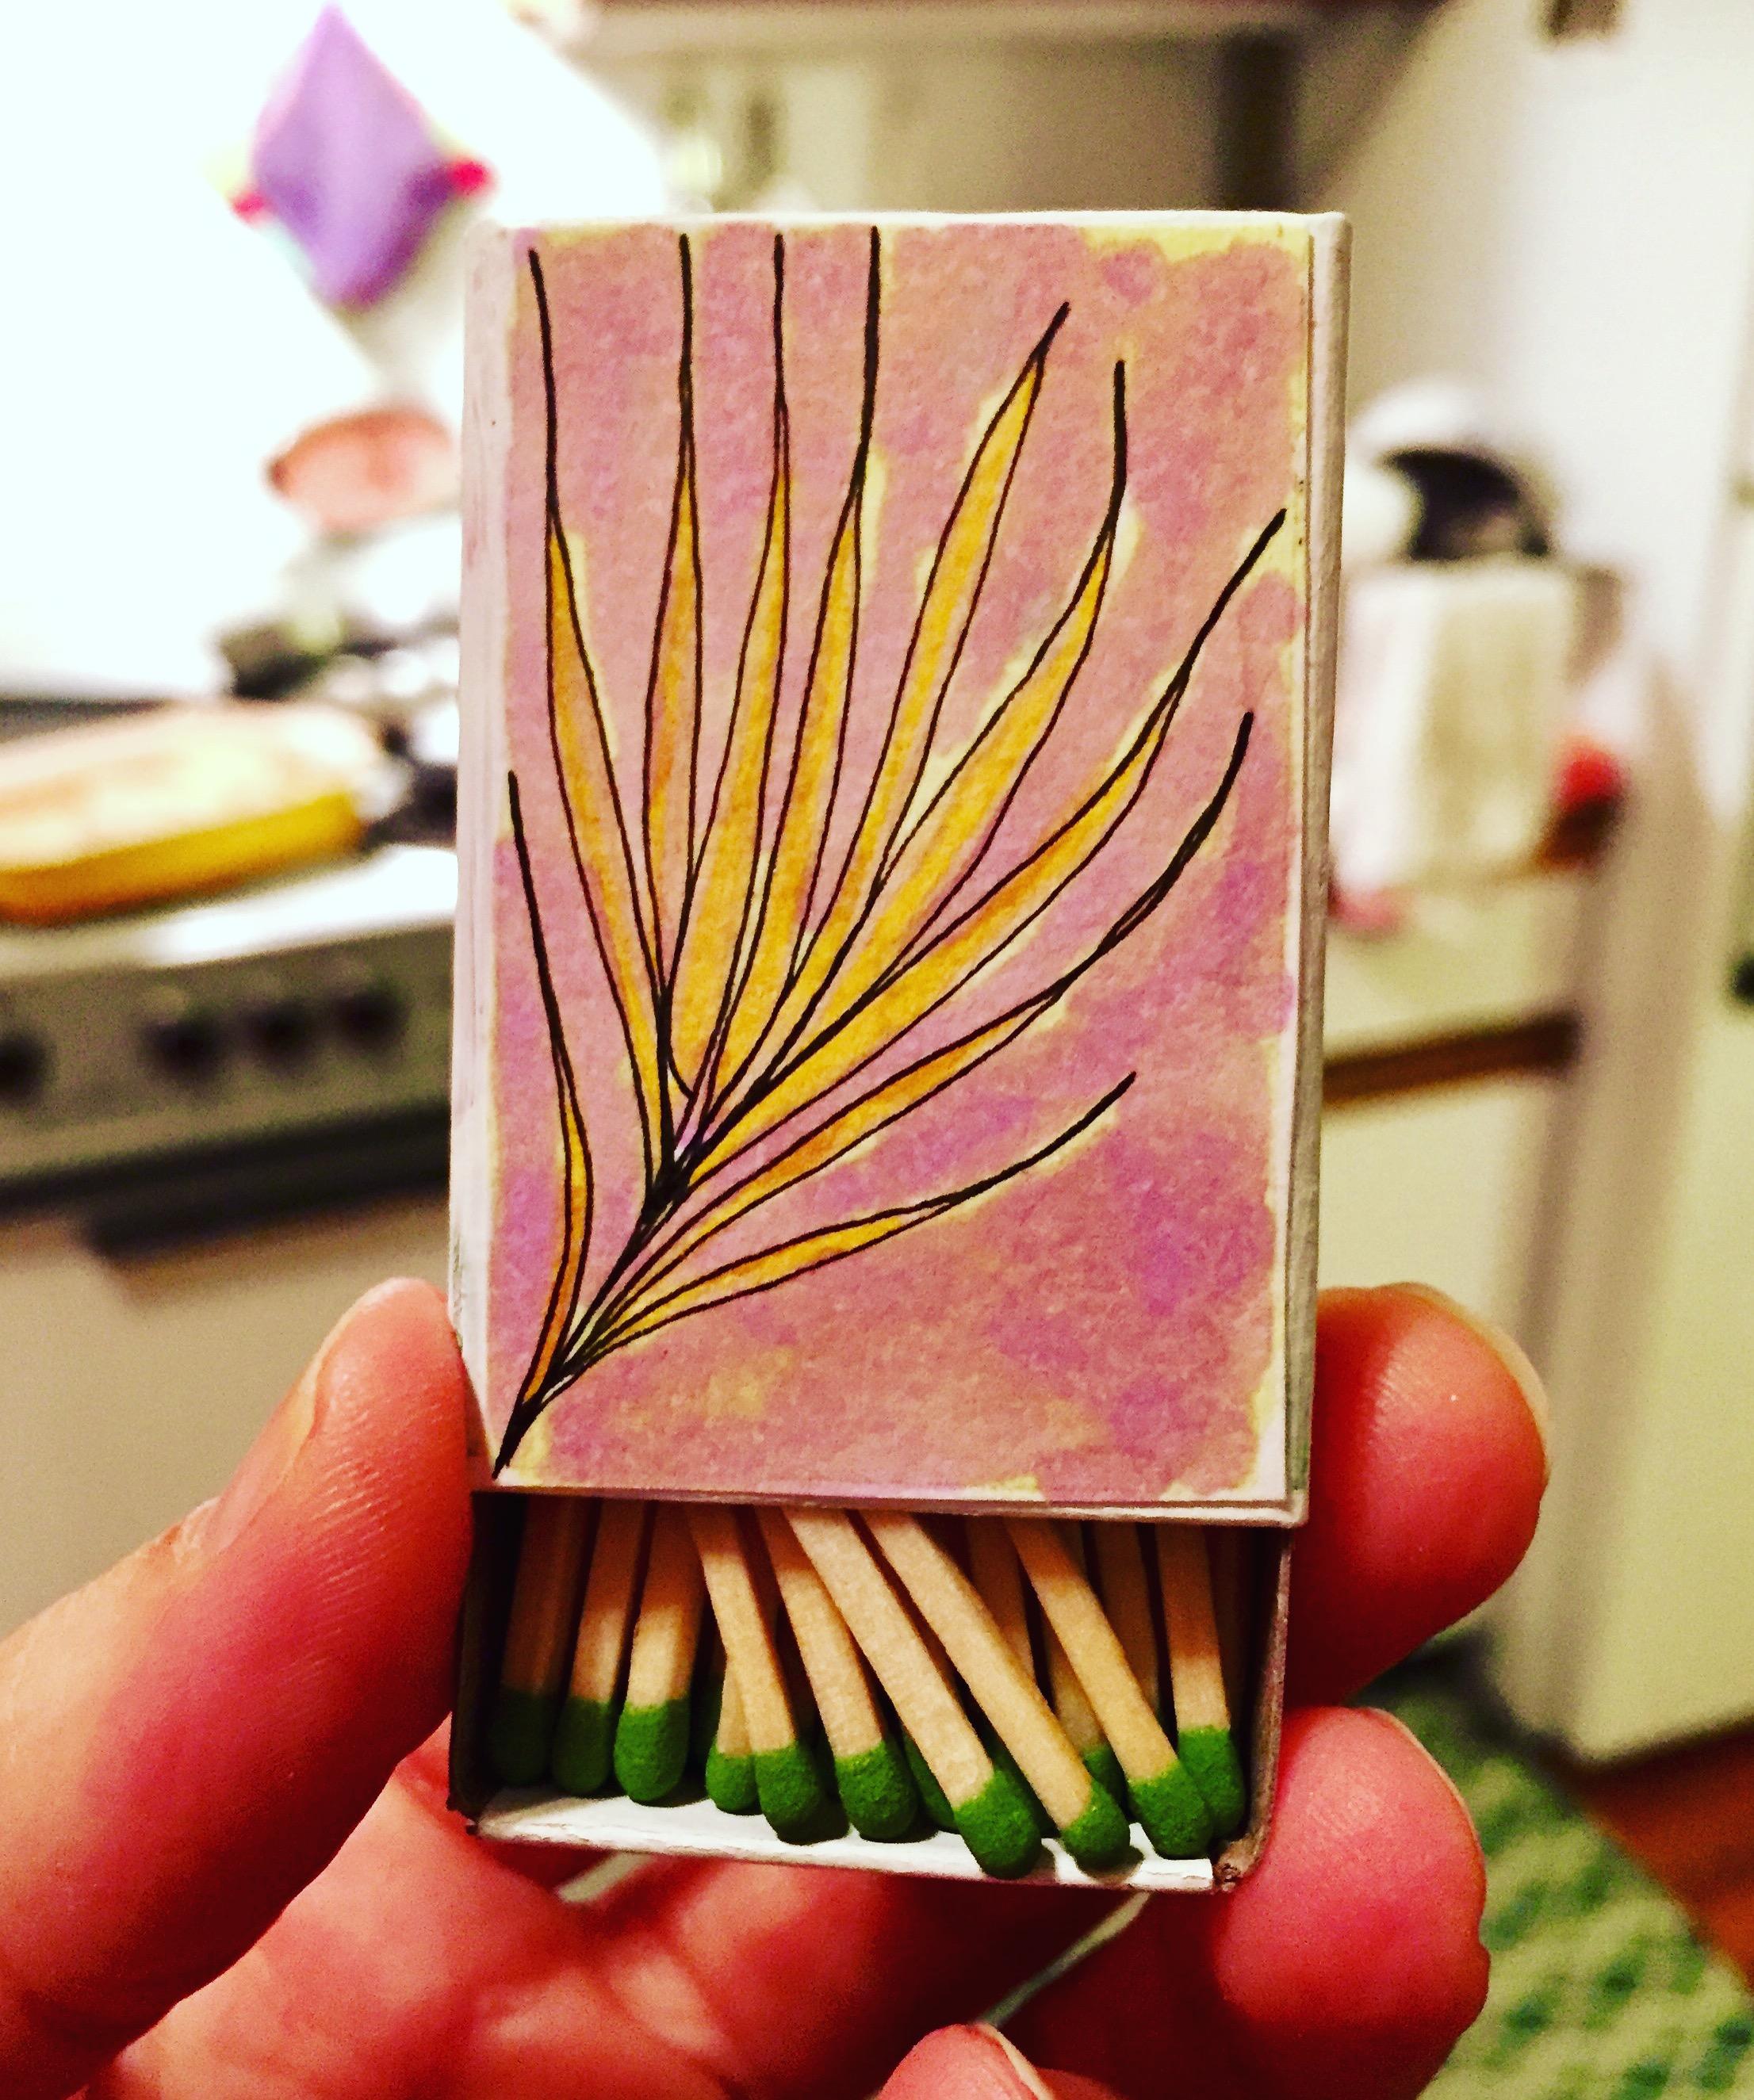 #5. Dry Grass